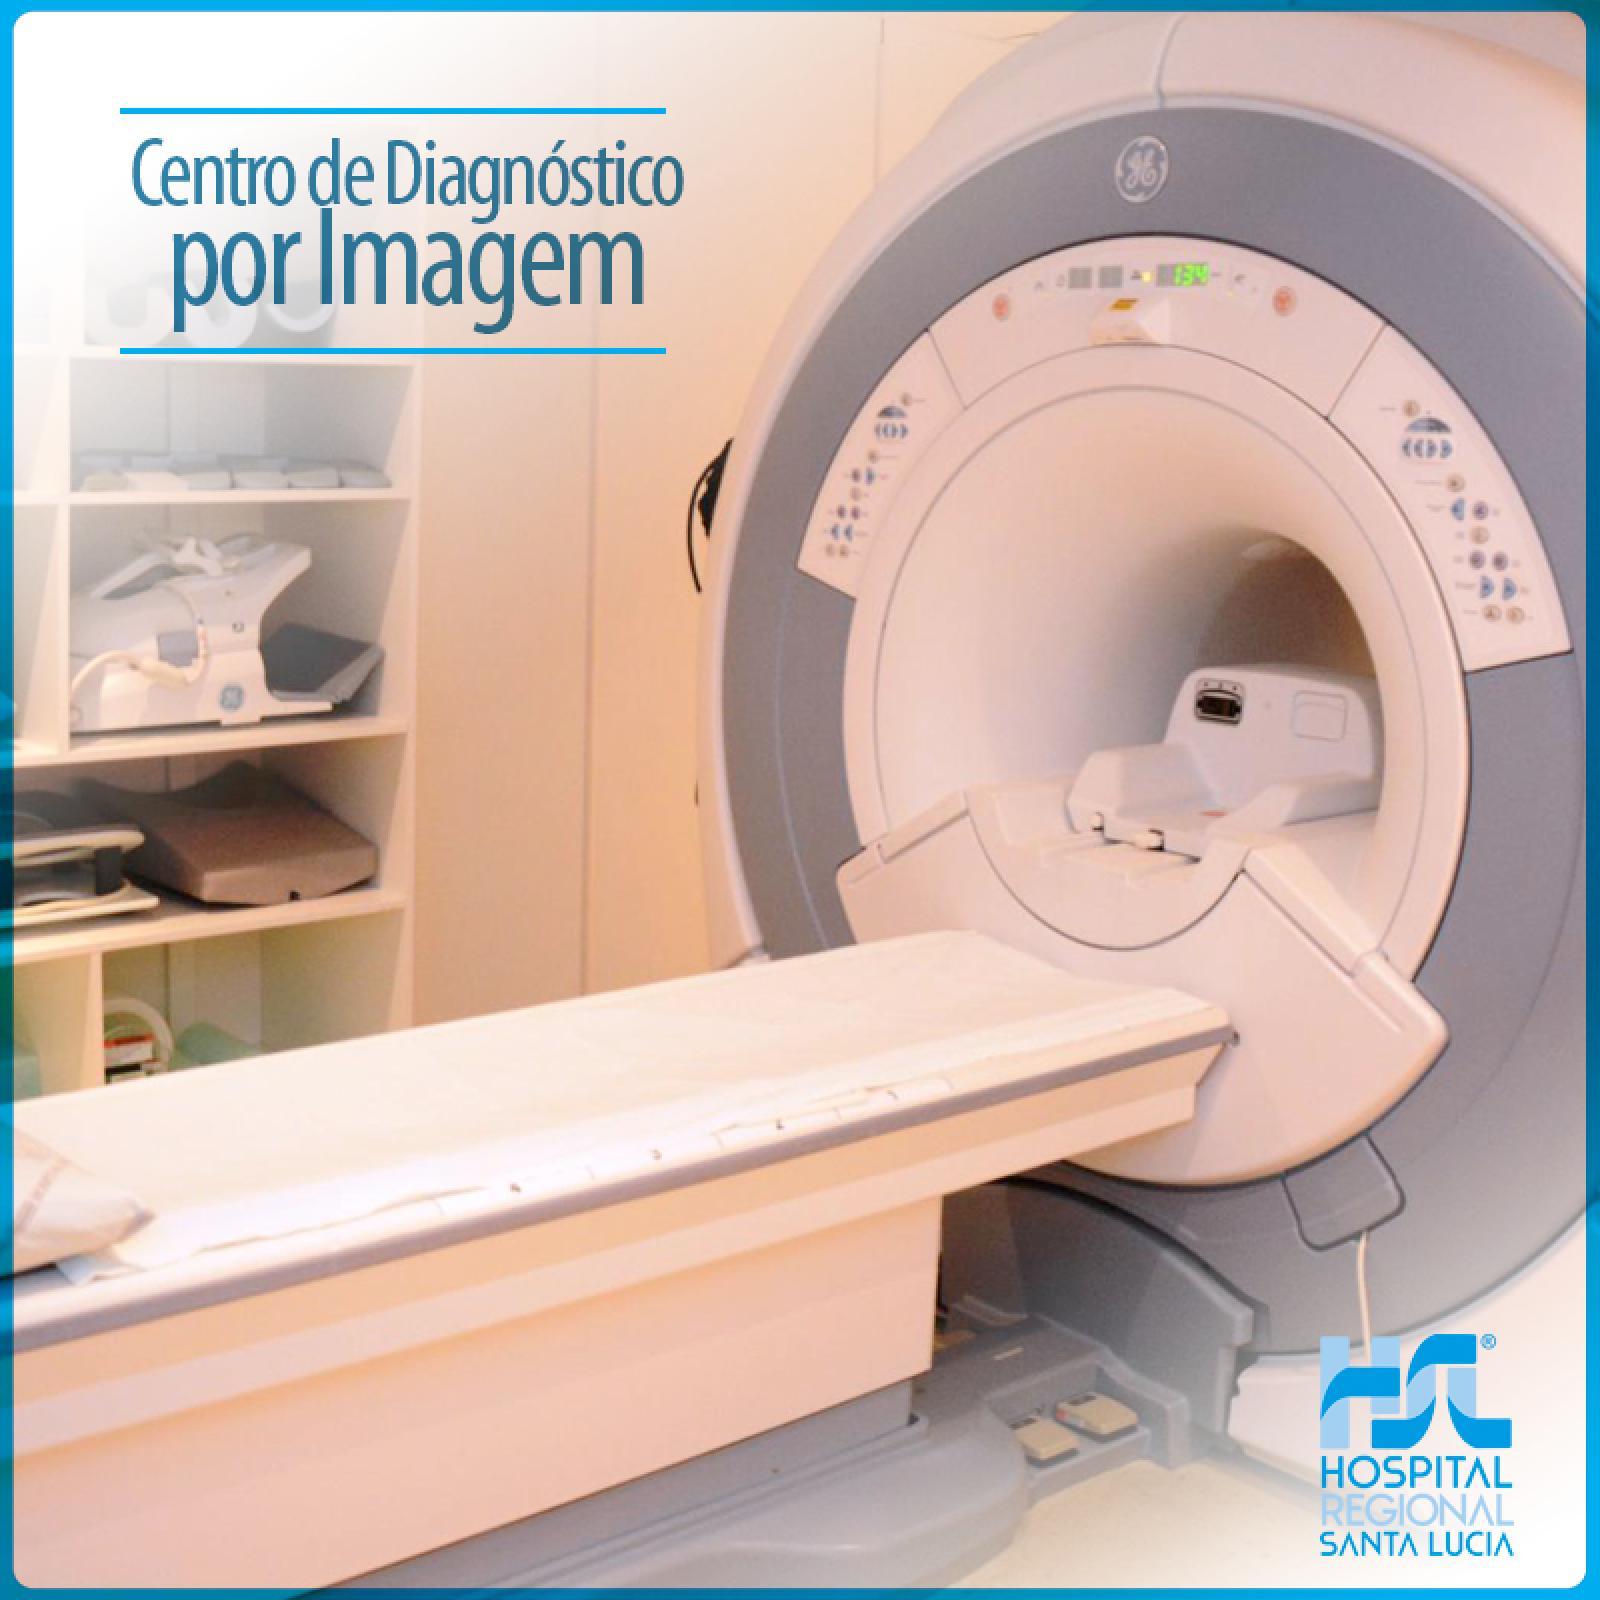 Centro de Diagnóstico por Imagem